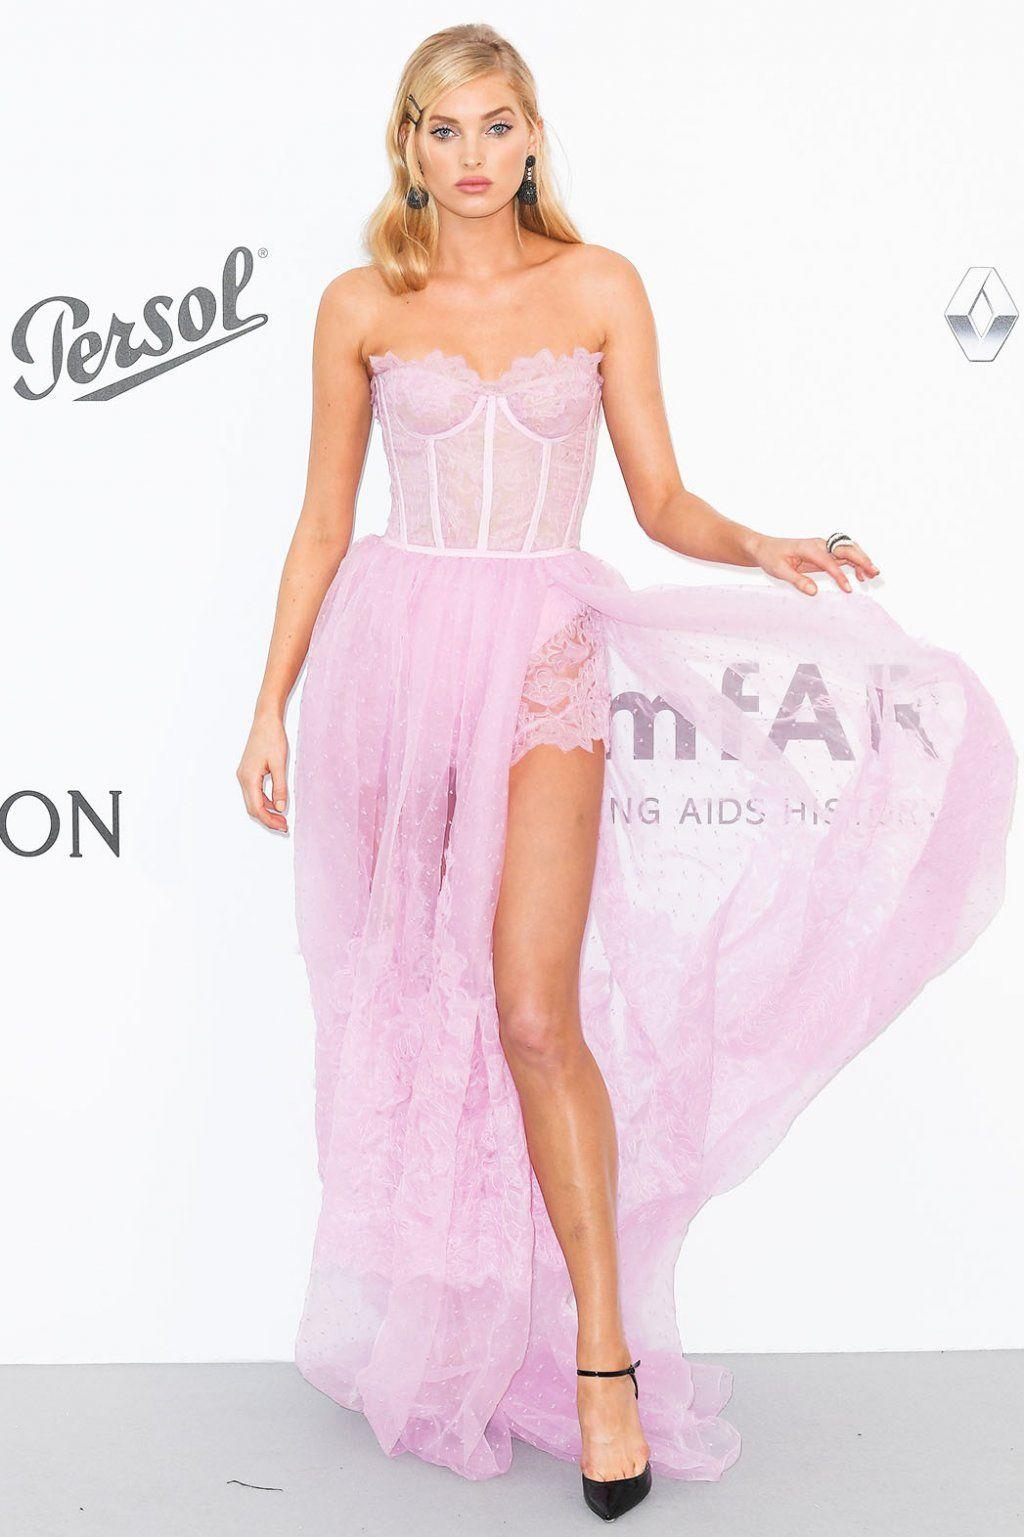 Encantador Traje Para Boda Bristol Cresta - Colección de Vestidos de ...